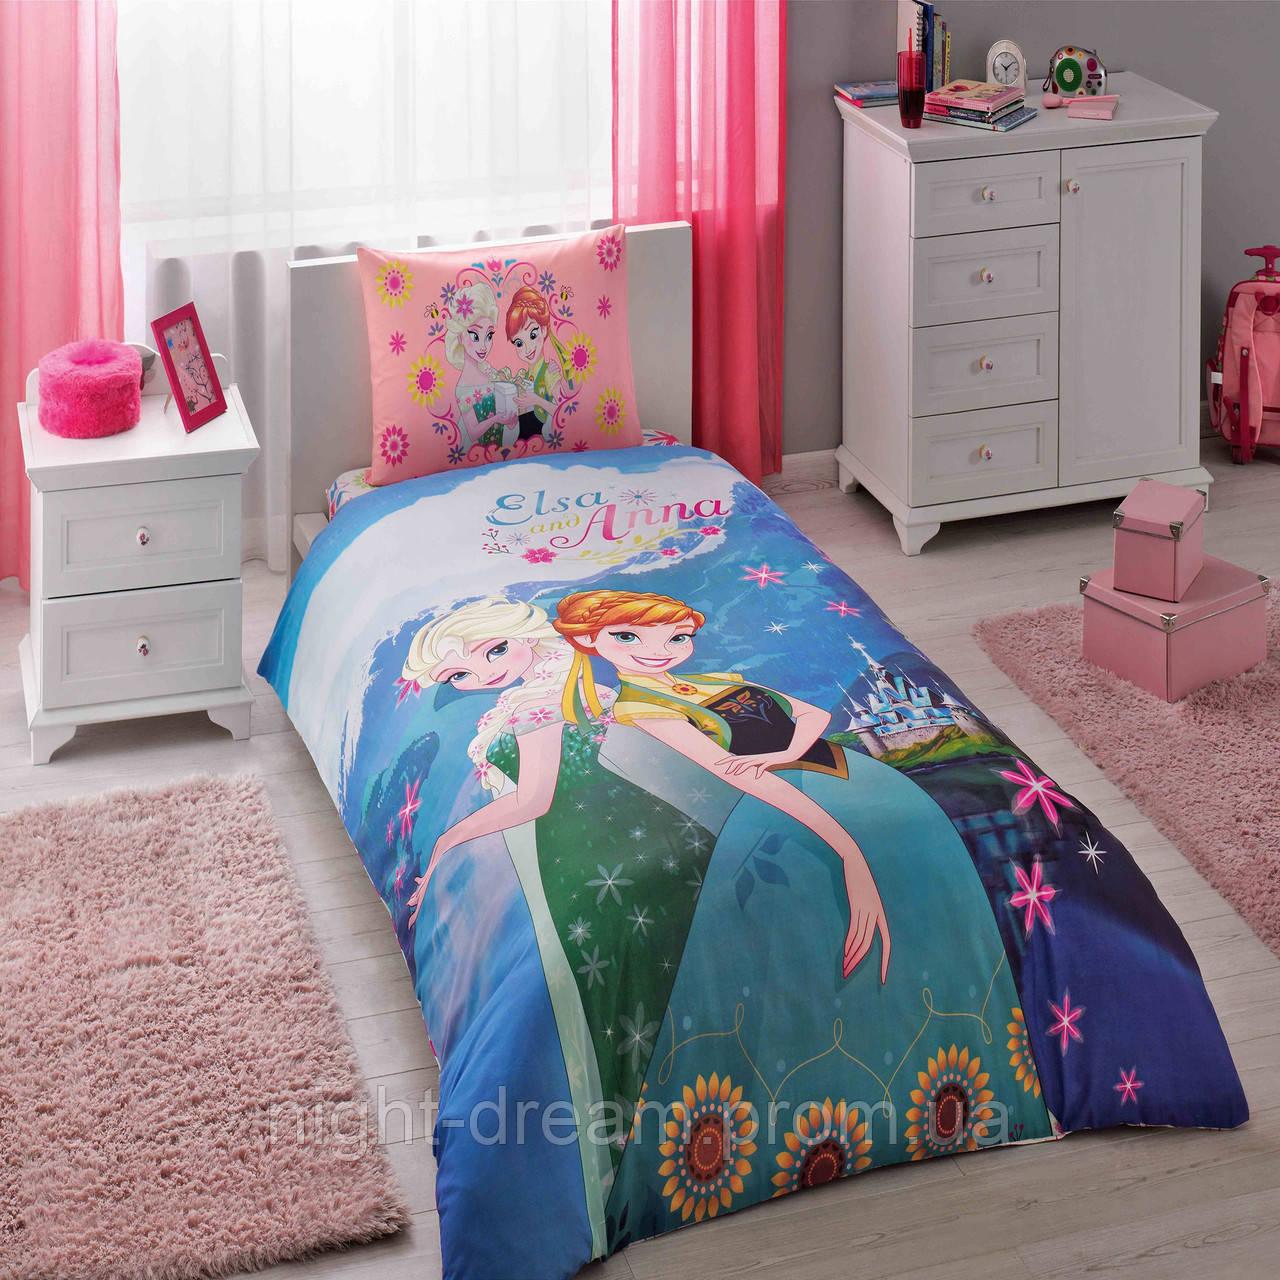 Подростковое постельное белье FROZEN ELSA & ANNA DISNEY от TAC